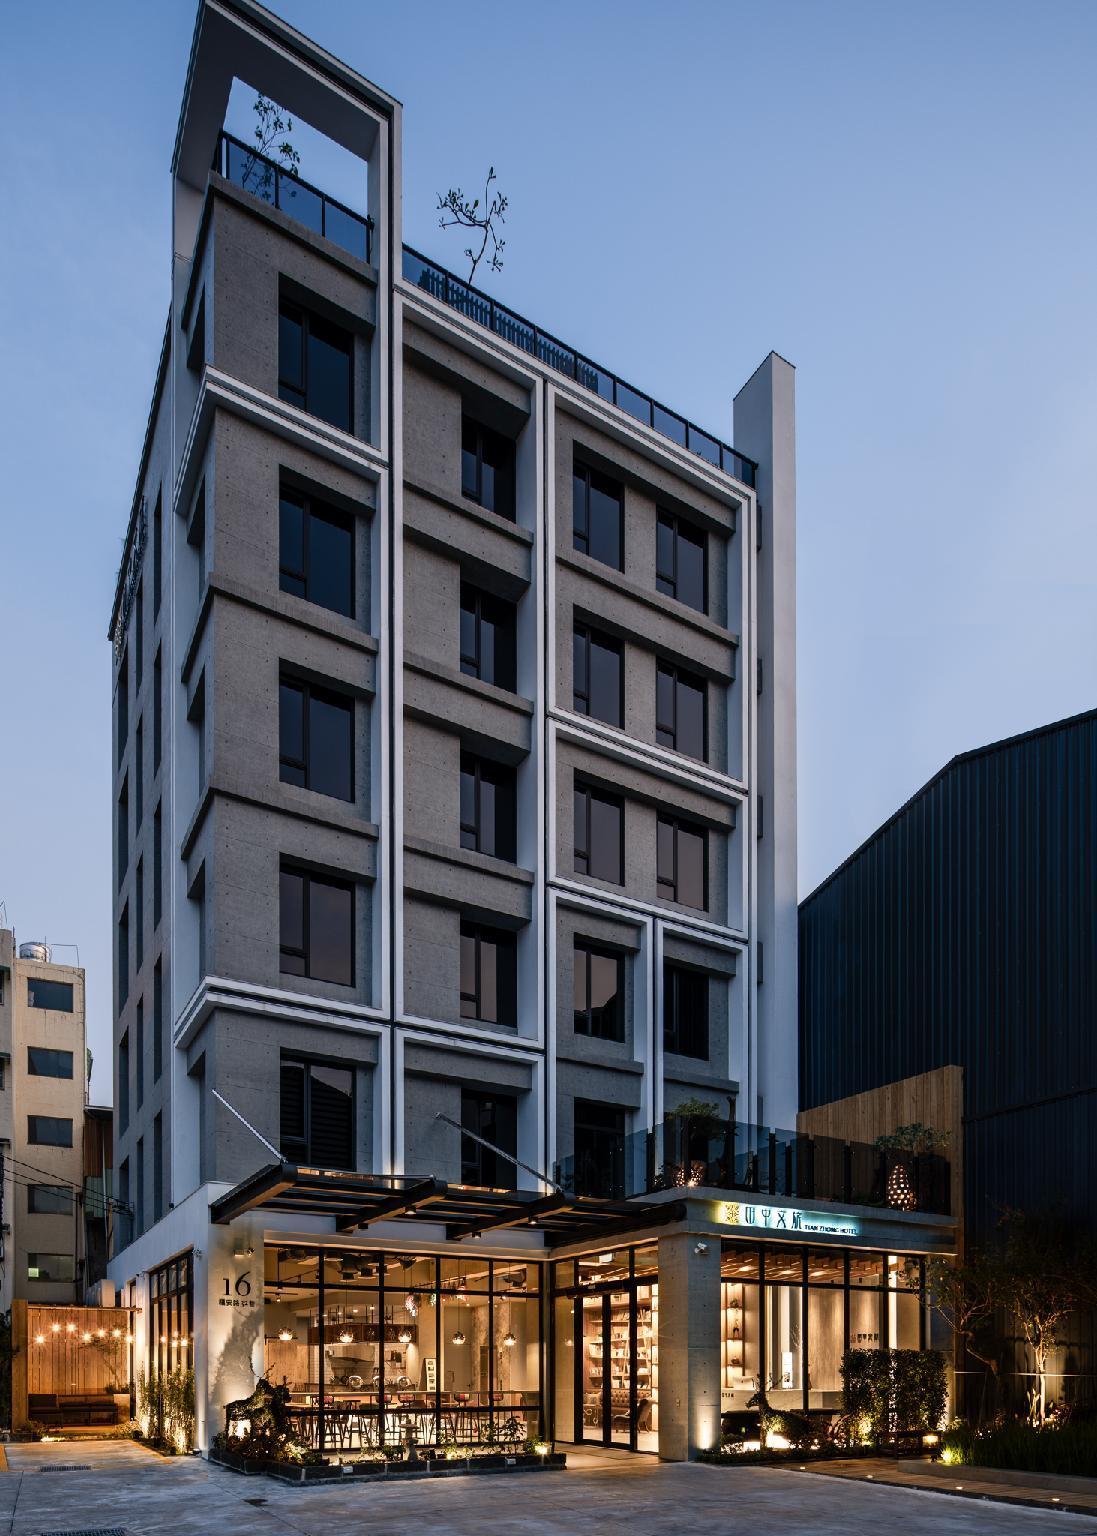 Tian Zhong Hotel